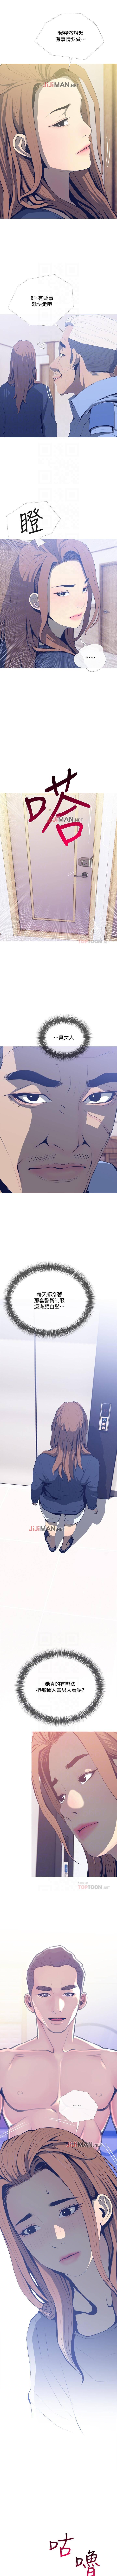 【周五连载】主妇危机(作者:查爾斯&漢水) 第1~26话 171